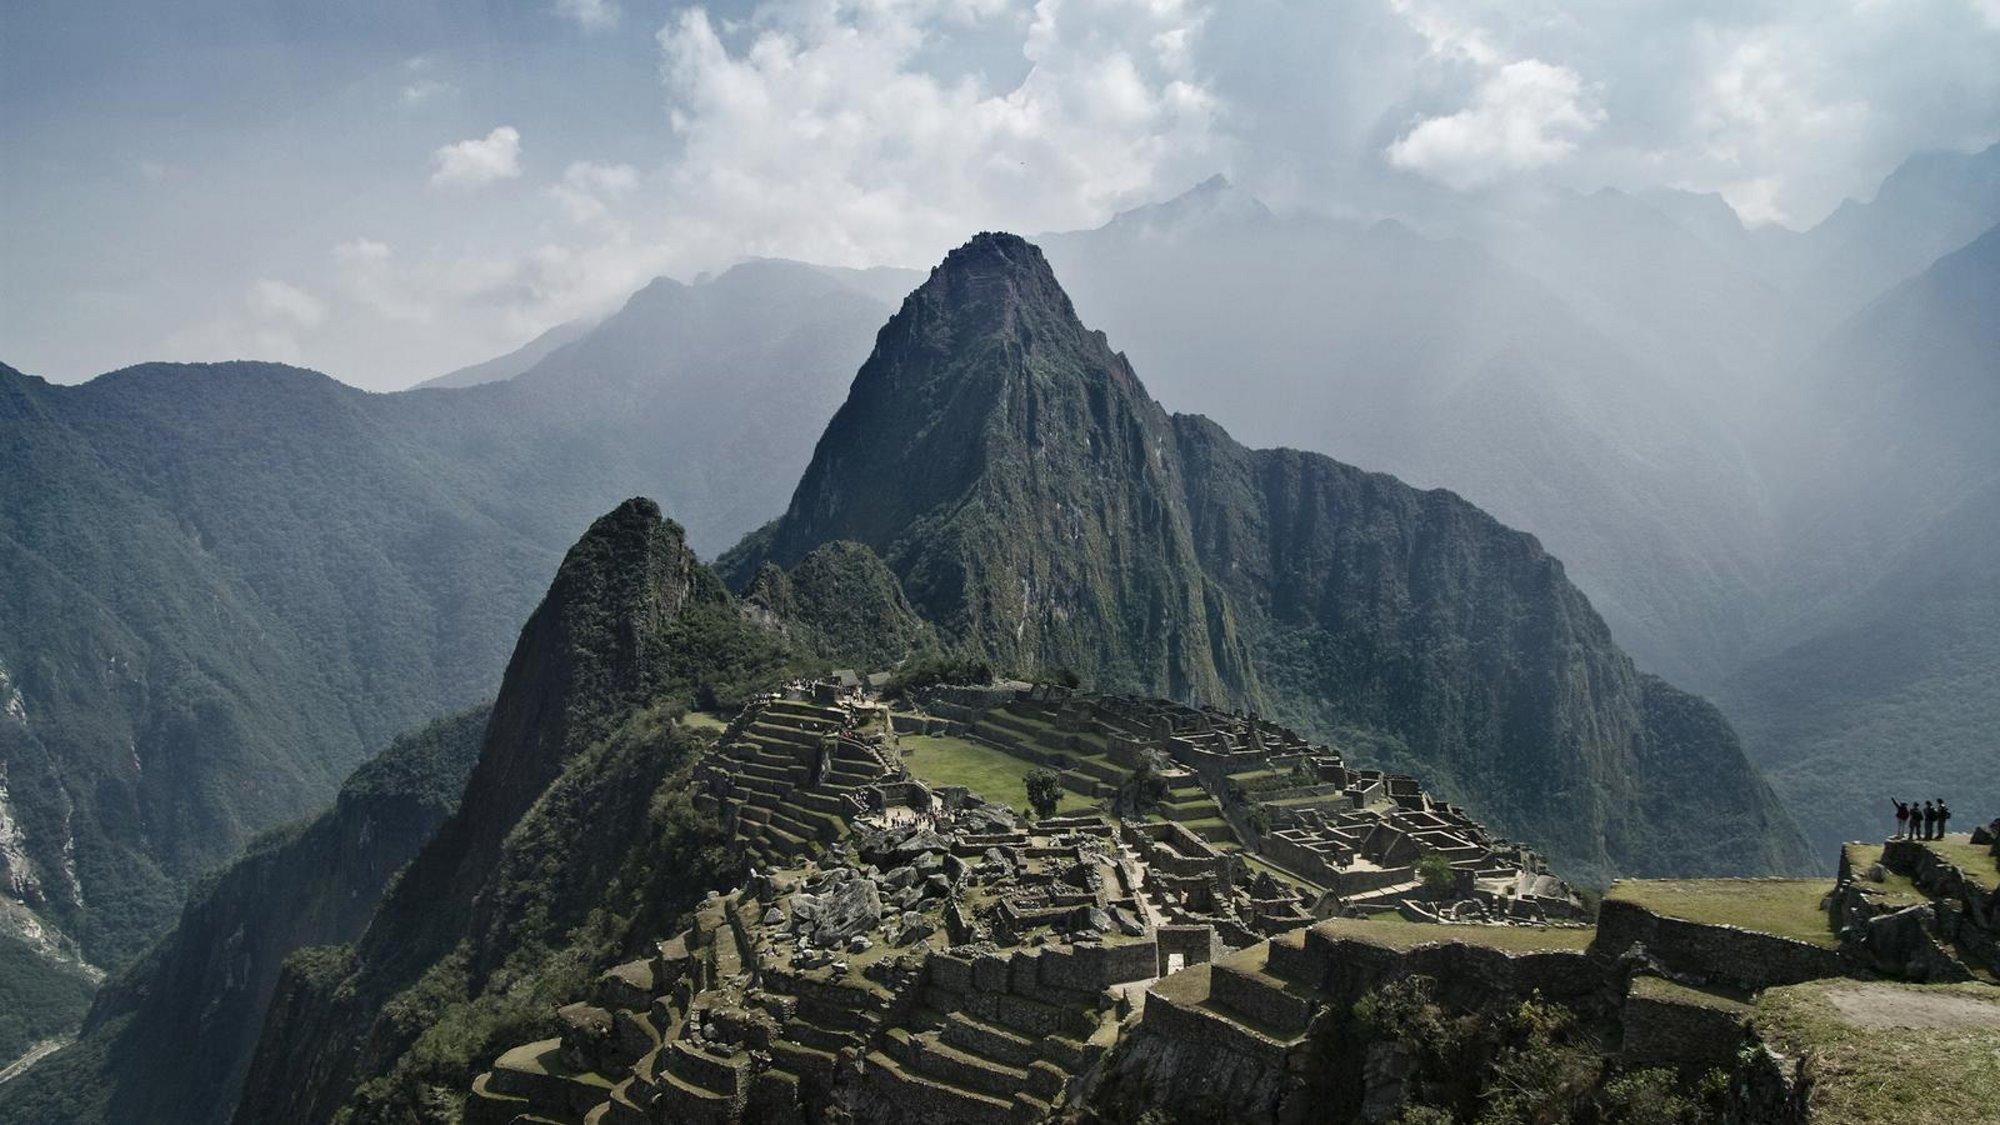 Μάτσου Πίτσου με την επιβλητική του ομορφιά άνοιξε για έναν τουρίστα